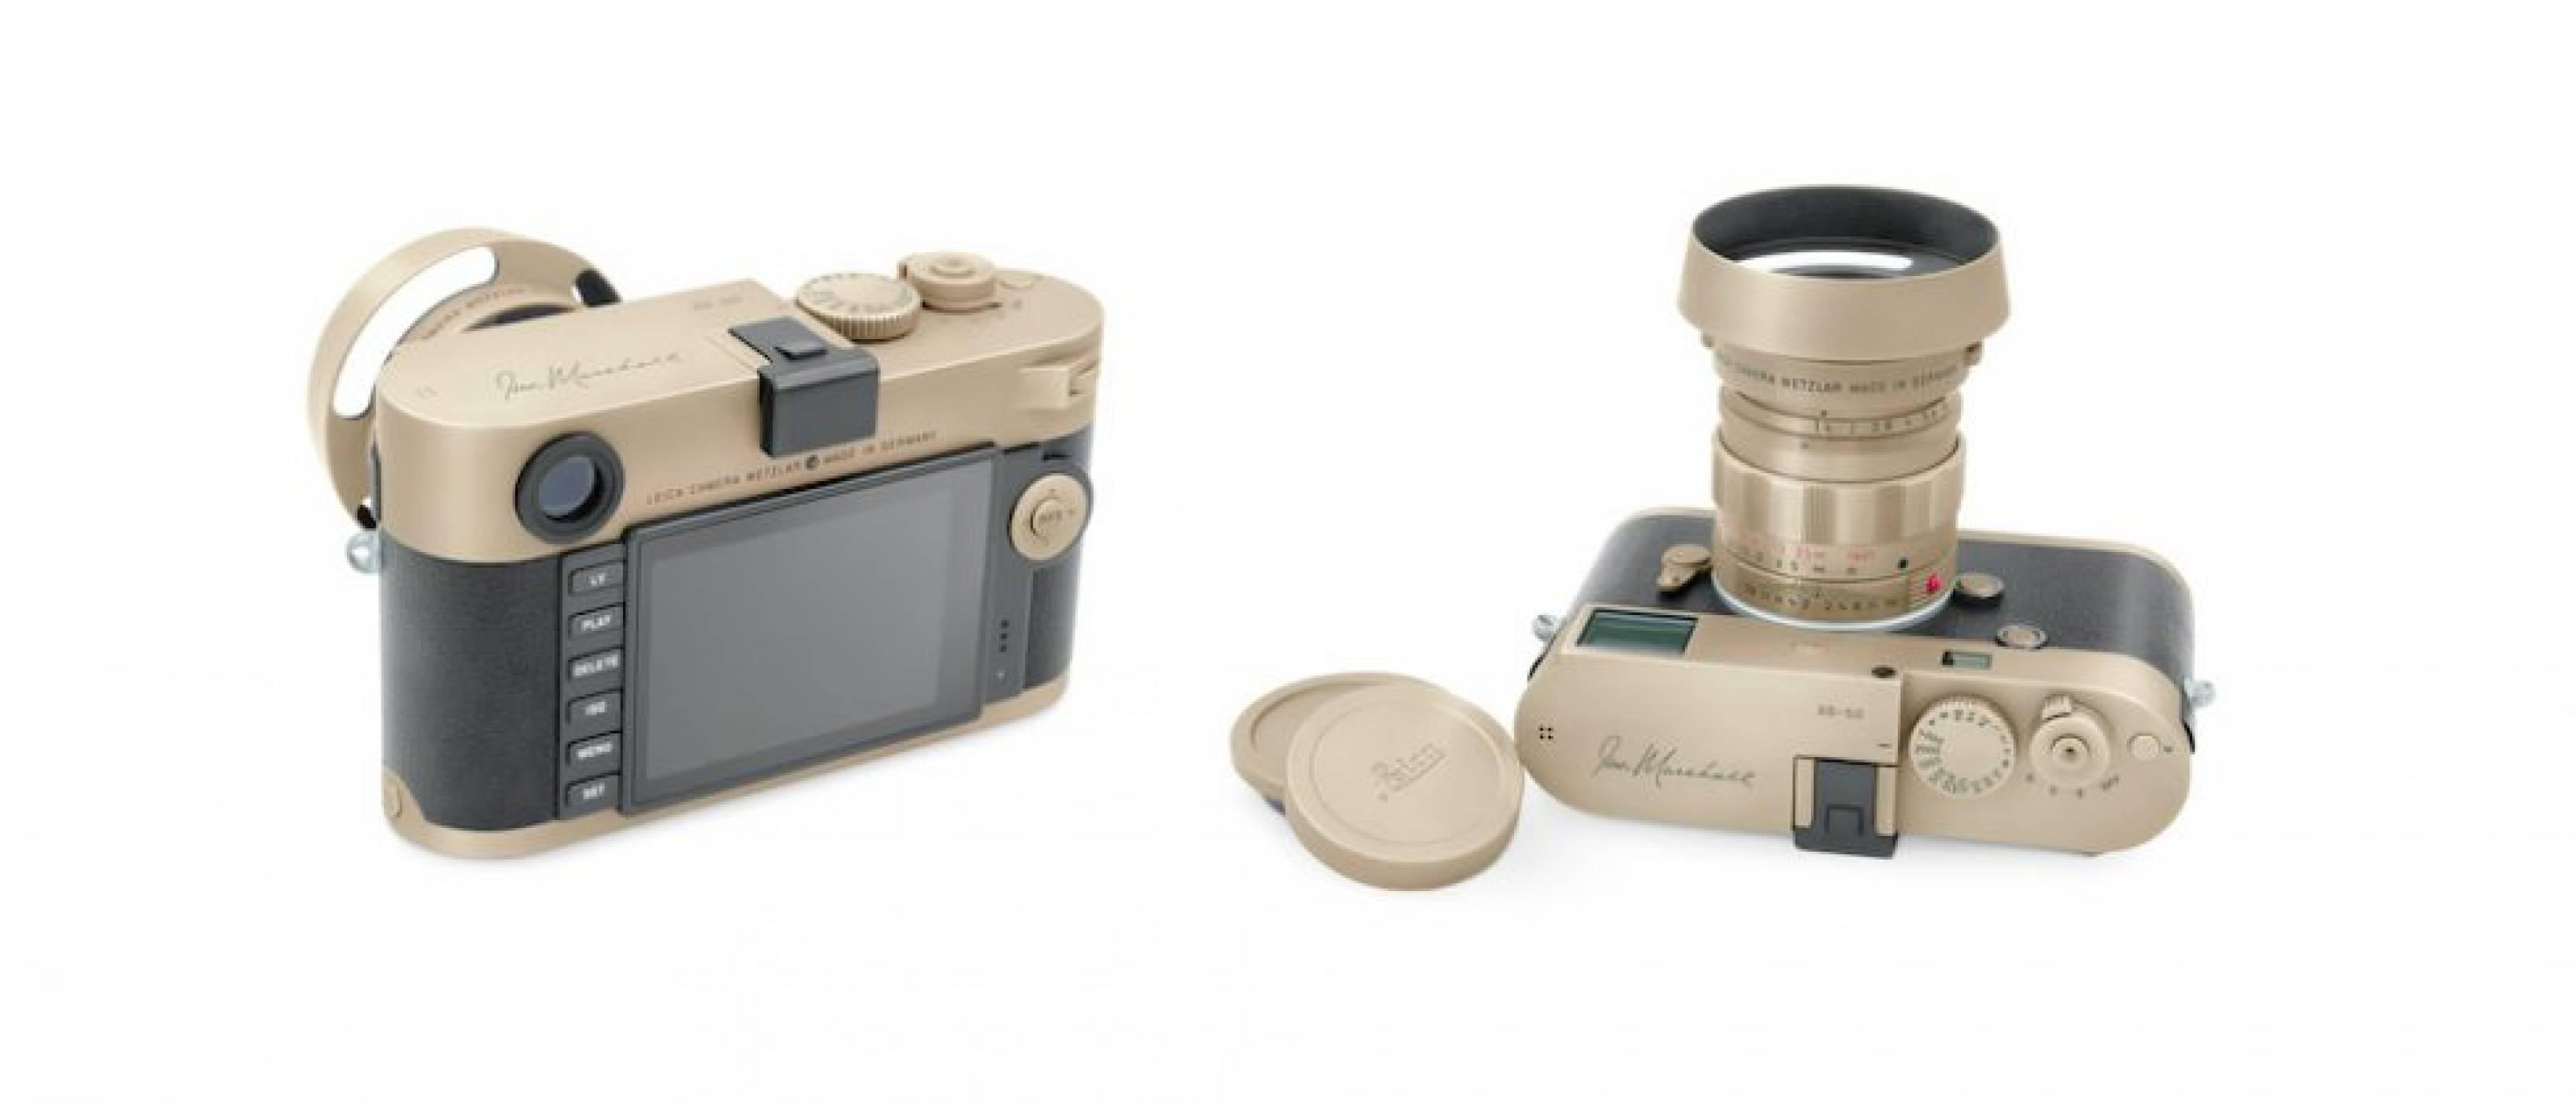 Побързайте, защото този уникален апарат на Leica ще бъде само в 50 бройки